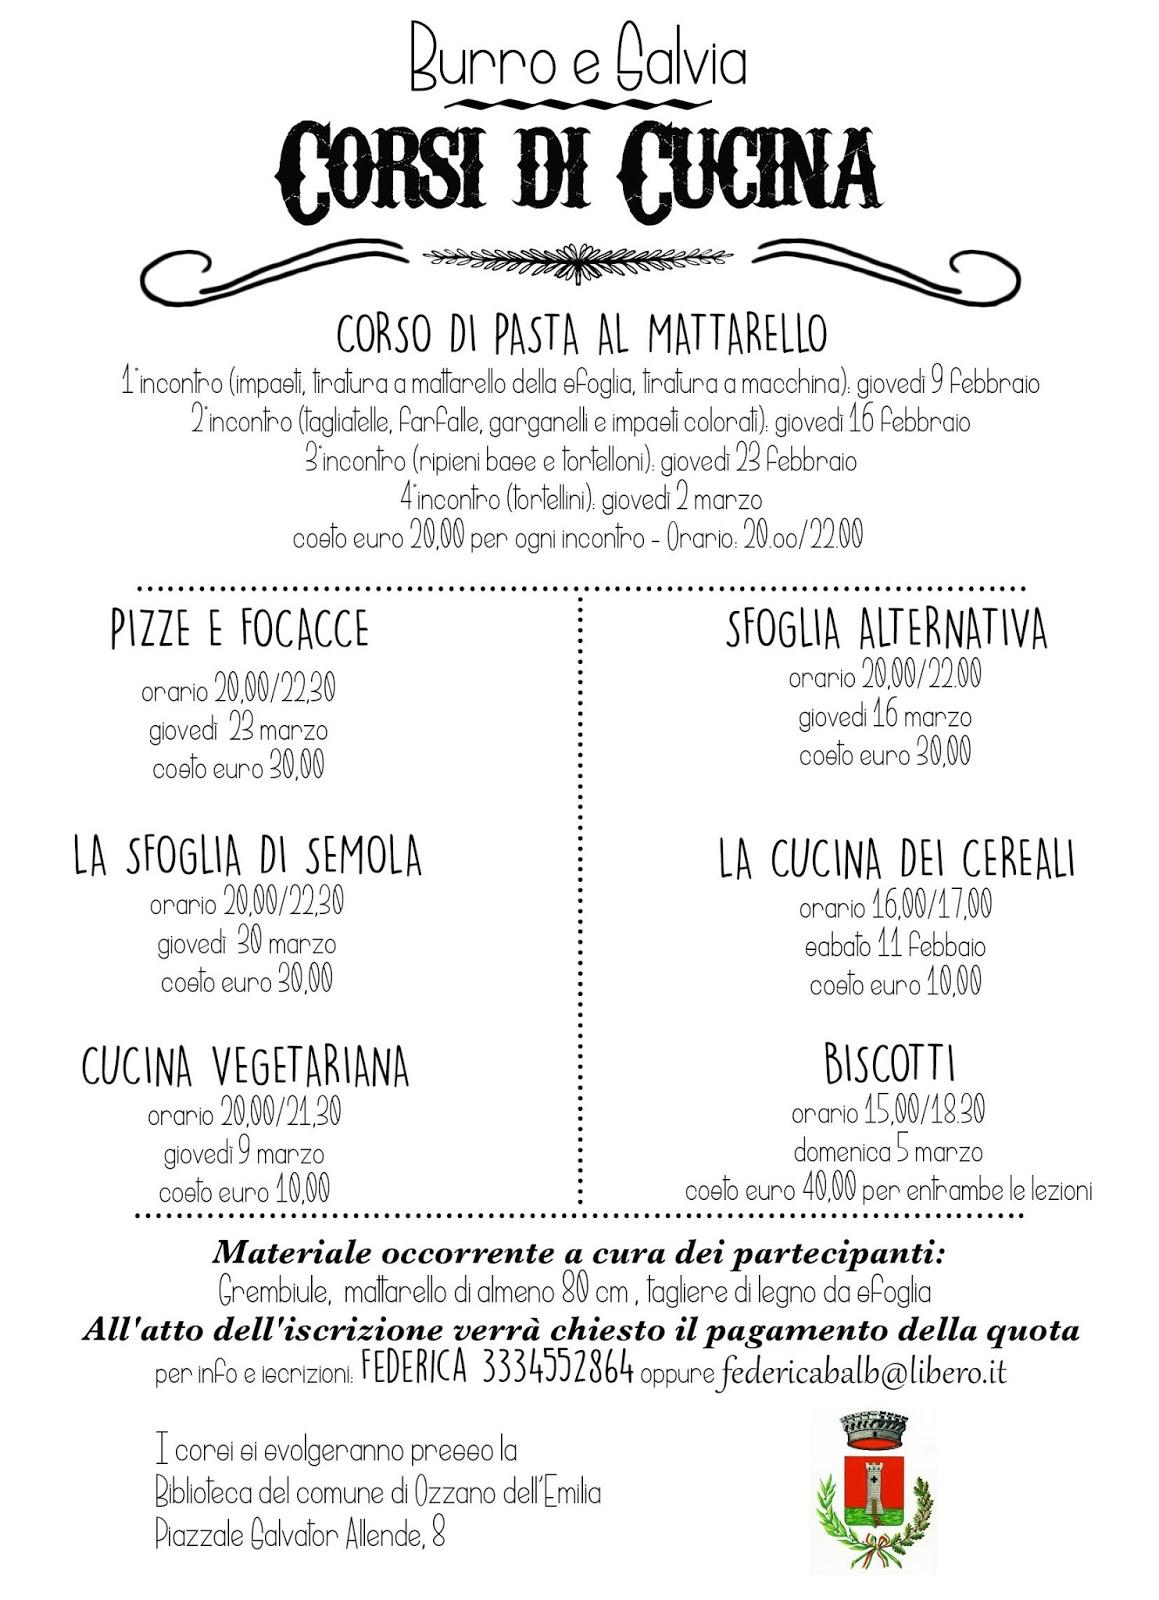 Burro salvia corsi di cucina a bologna - Corsi cucina bologna 2017 ...